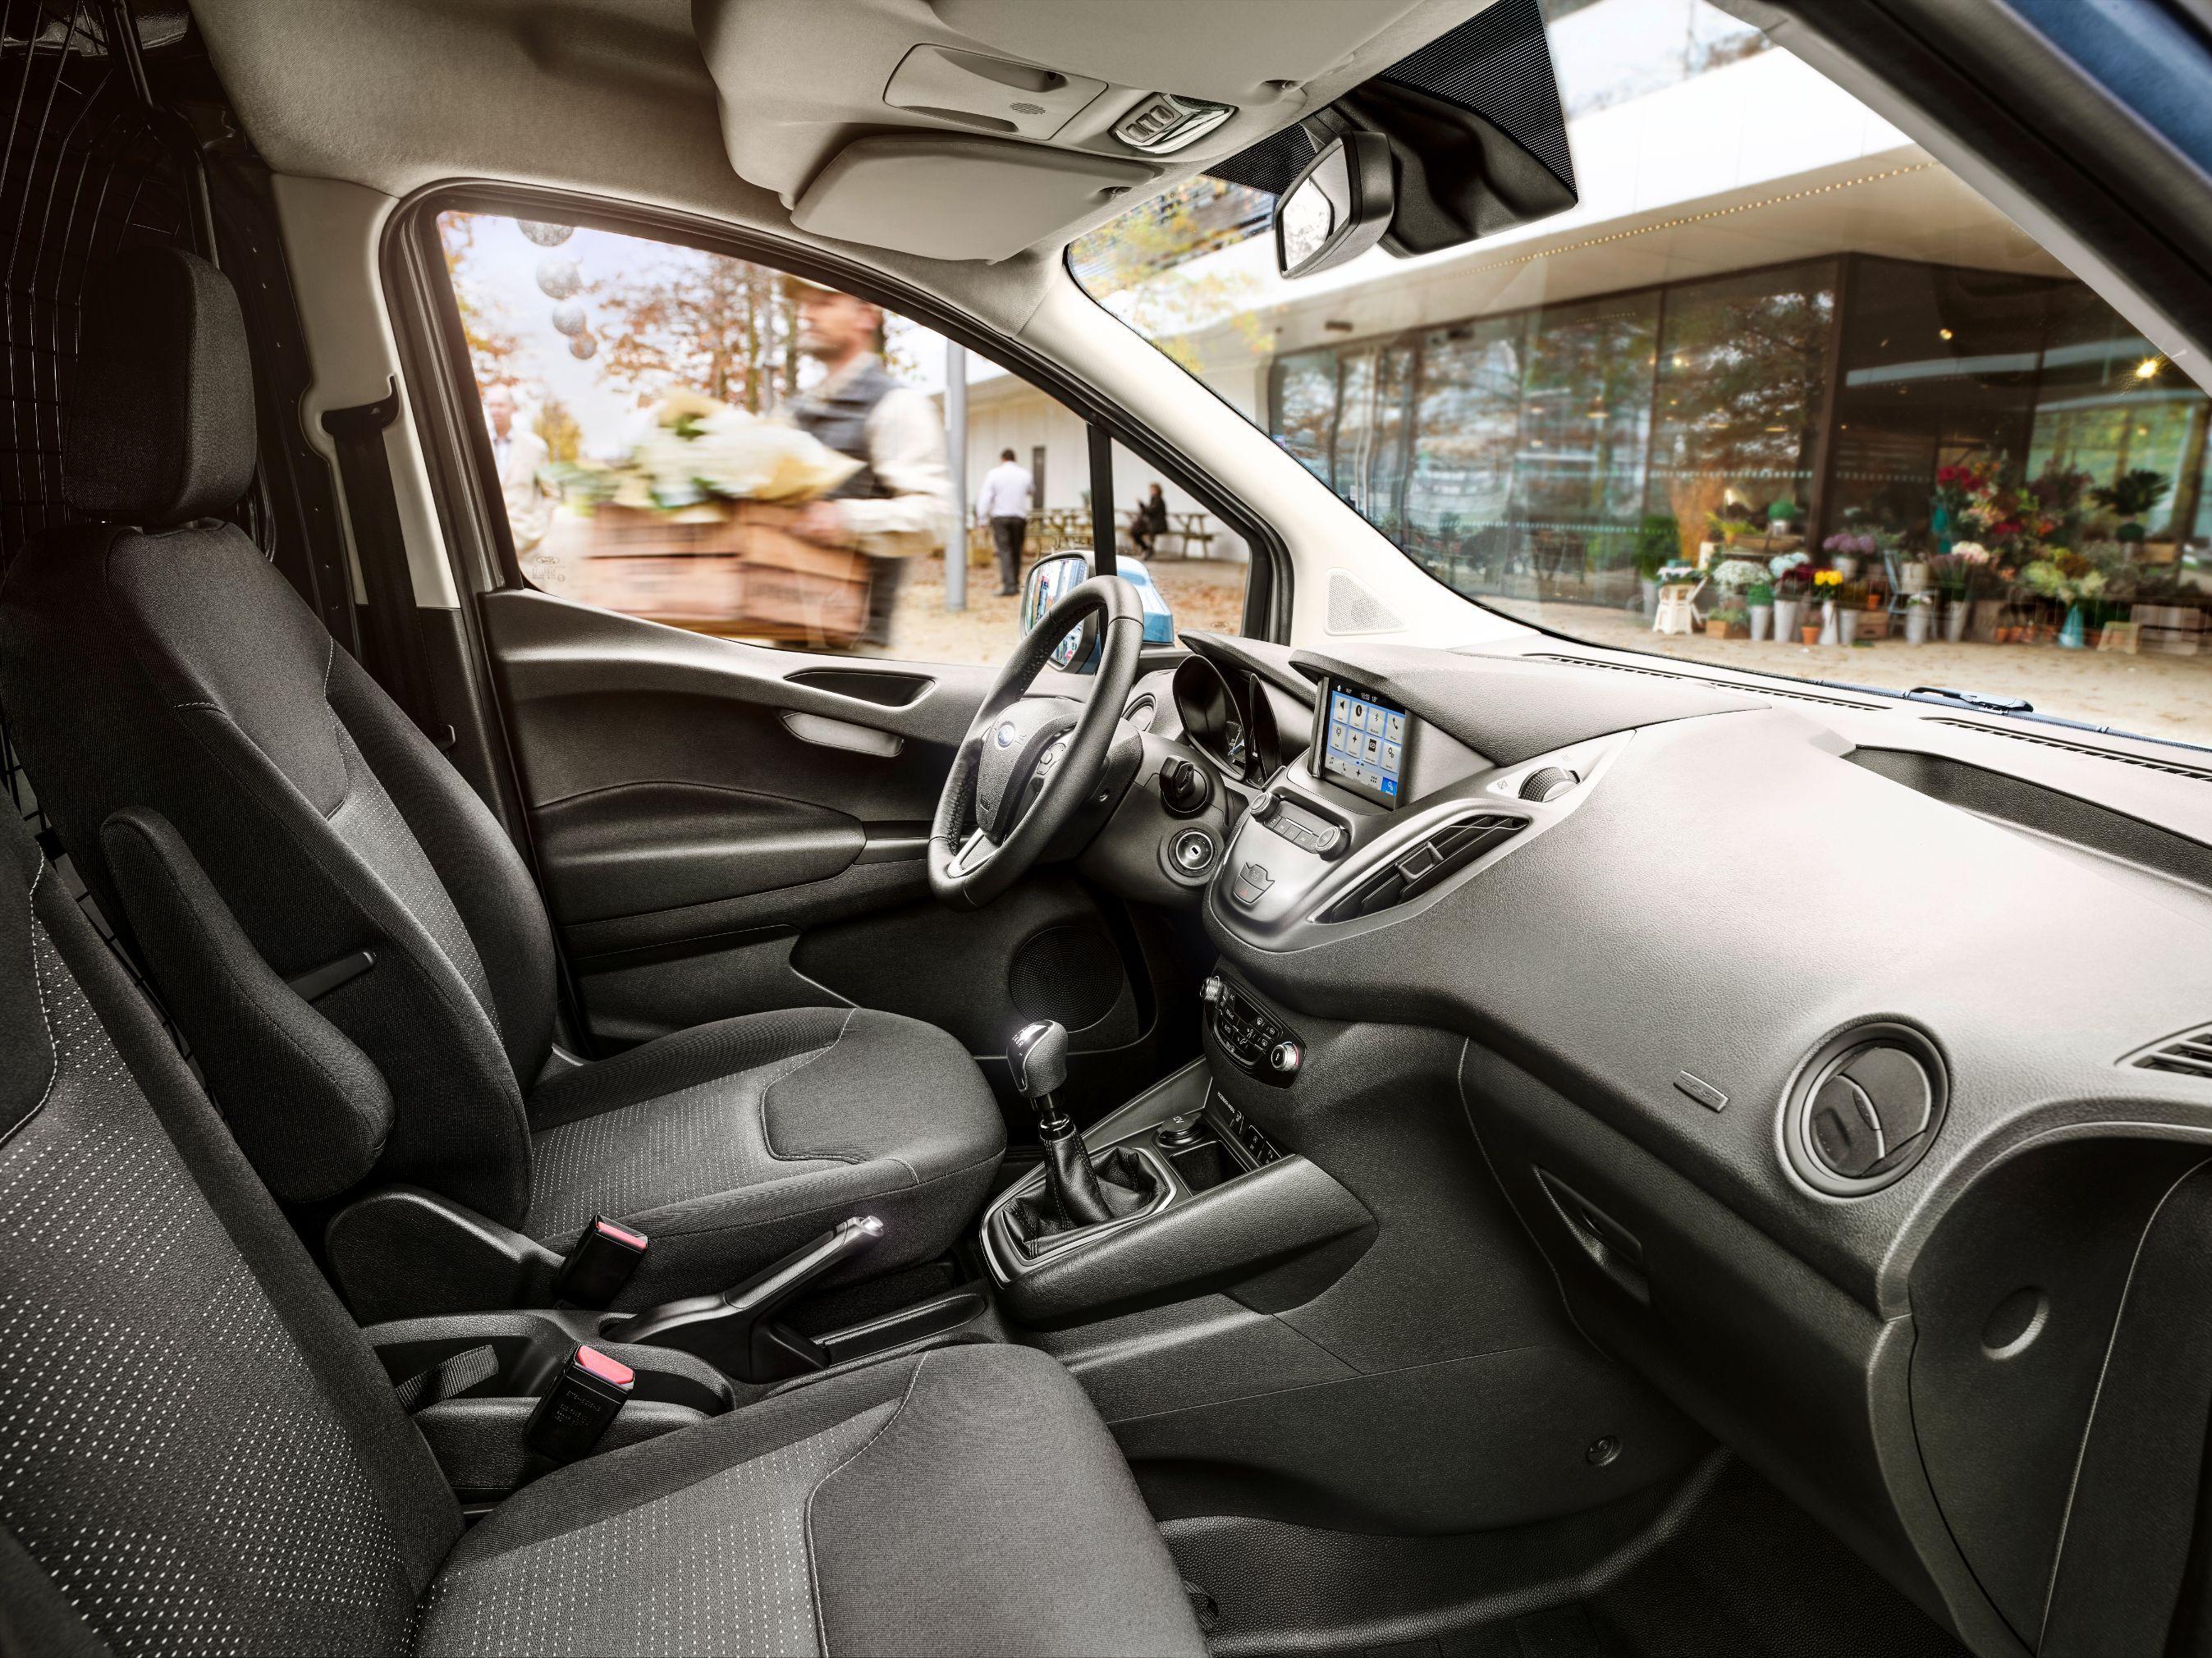 Ford Transit Courier Limited set indefra